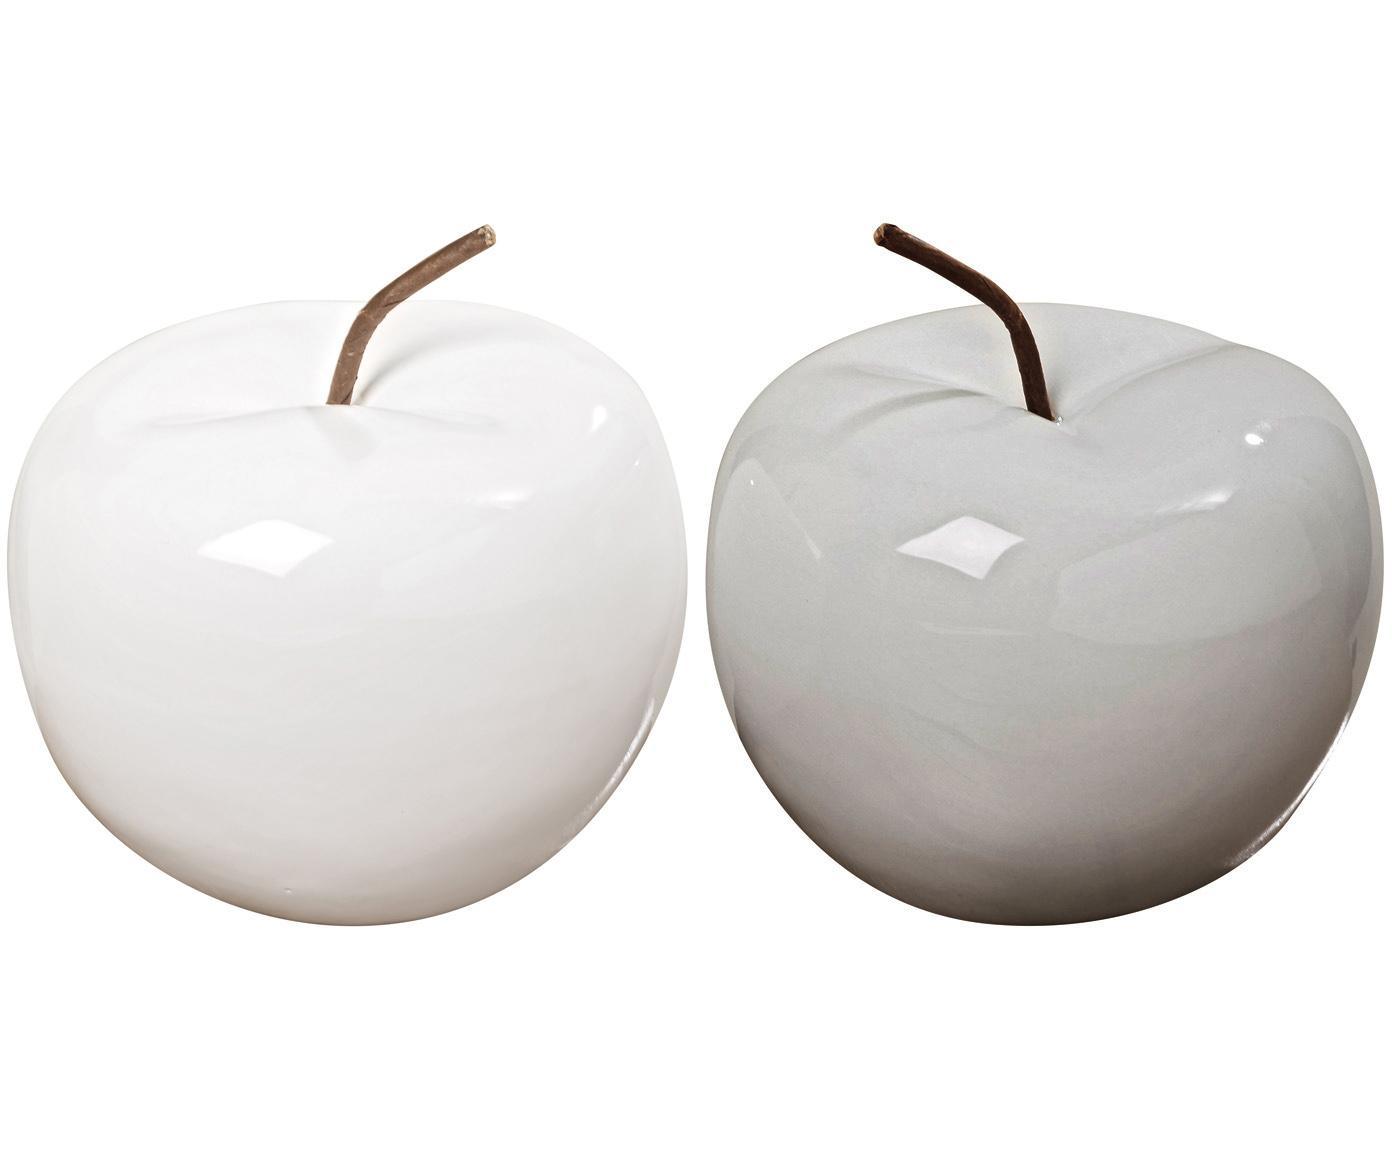 Jabłko dekoracyjne Alvaro, 2 szt., Kamionka, Biały, brązowy, Ø 13 x W 12 cm